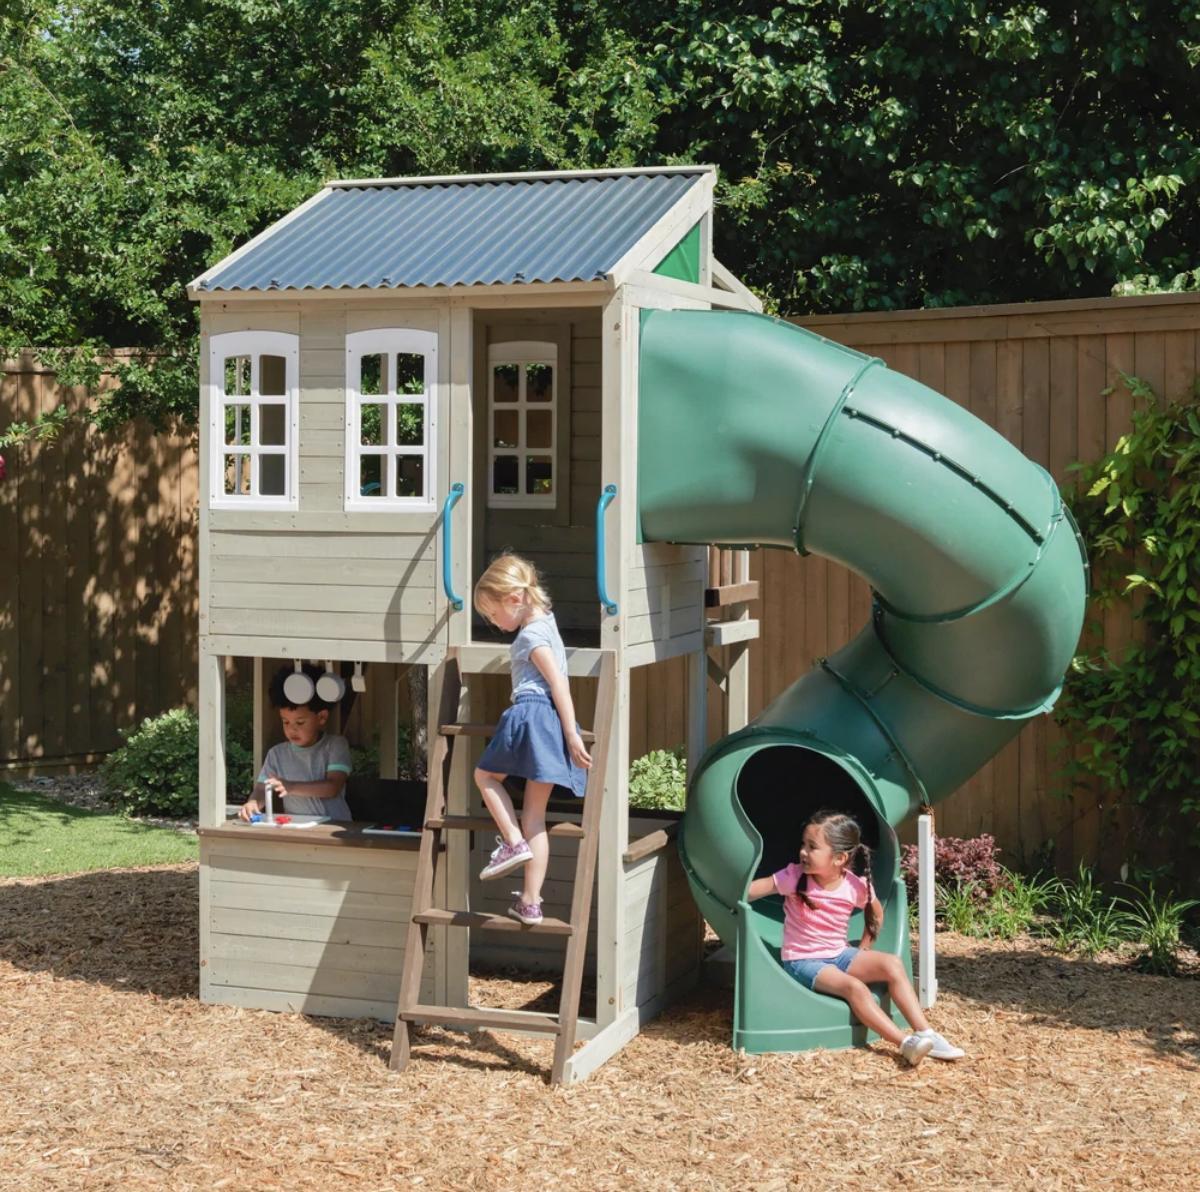 cozy-escape-double-decker-outdoor-play-house-v-3717308040